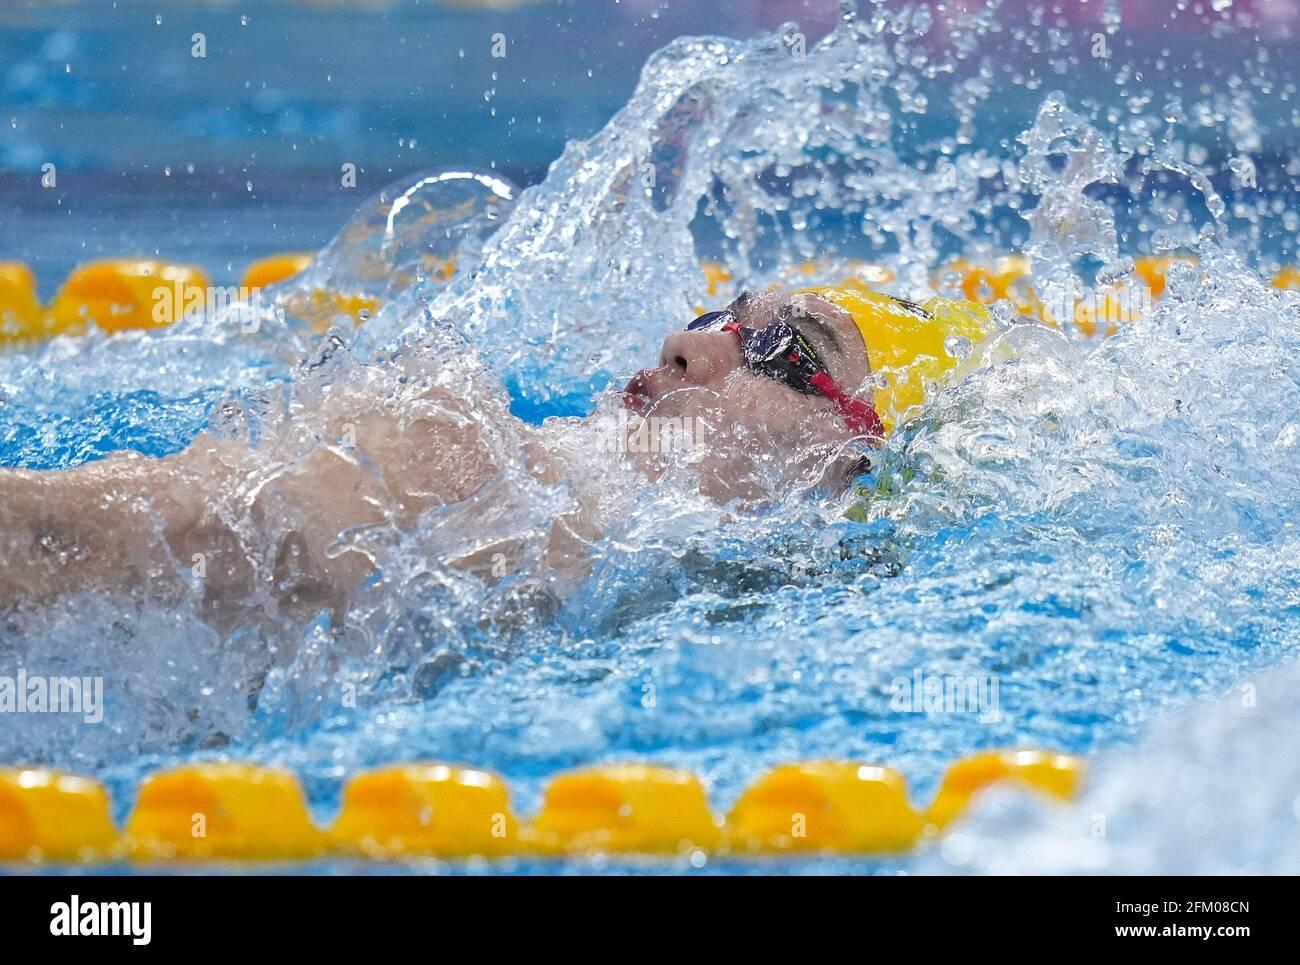 Qingdao, China. Mai 2021. Xu Jiayu aus Zhejiang tritt beim Halbfinale der Männer mit 200 m Rückschlag bei den chinesischen nationalen Schwimmmeisterschaften 2021 in Qingdao, Ostchina, am 5. Mai 2021 an. Quelle: Xu Chang/Xinhua/Alamy Live News Stockfoto